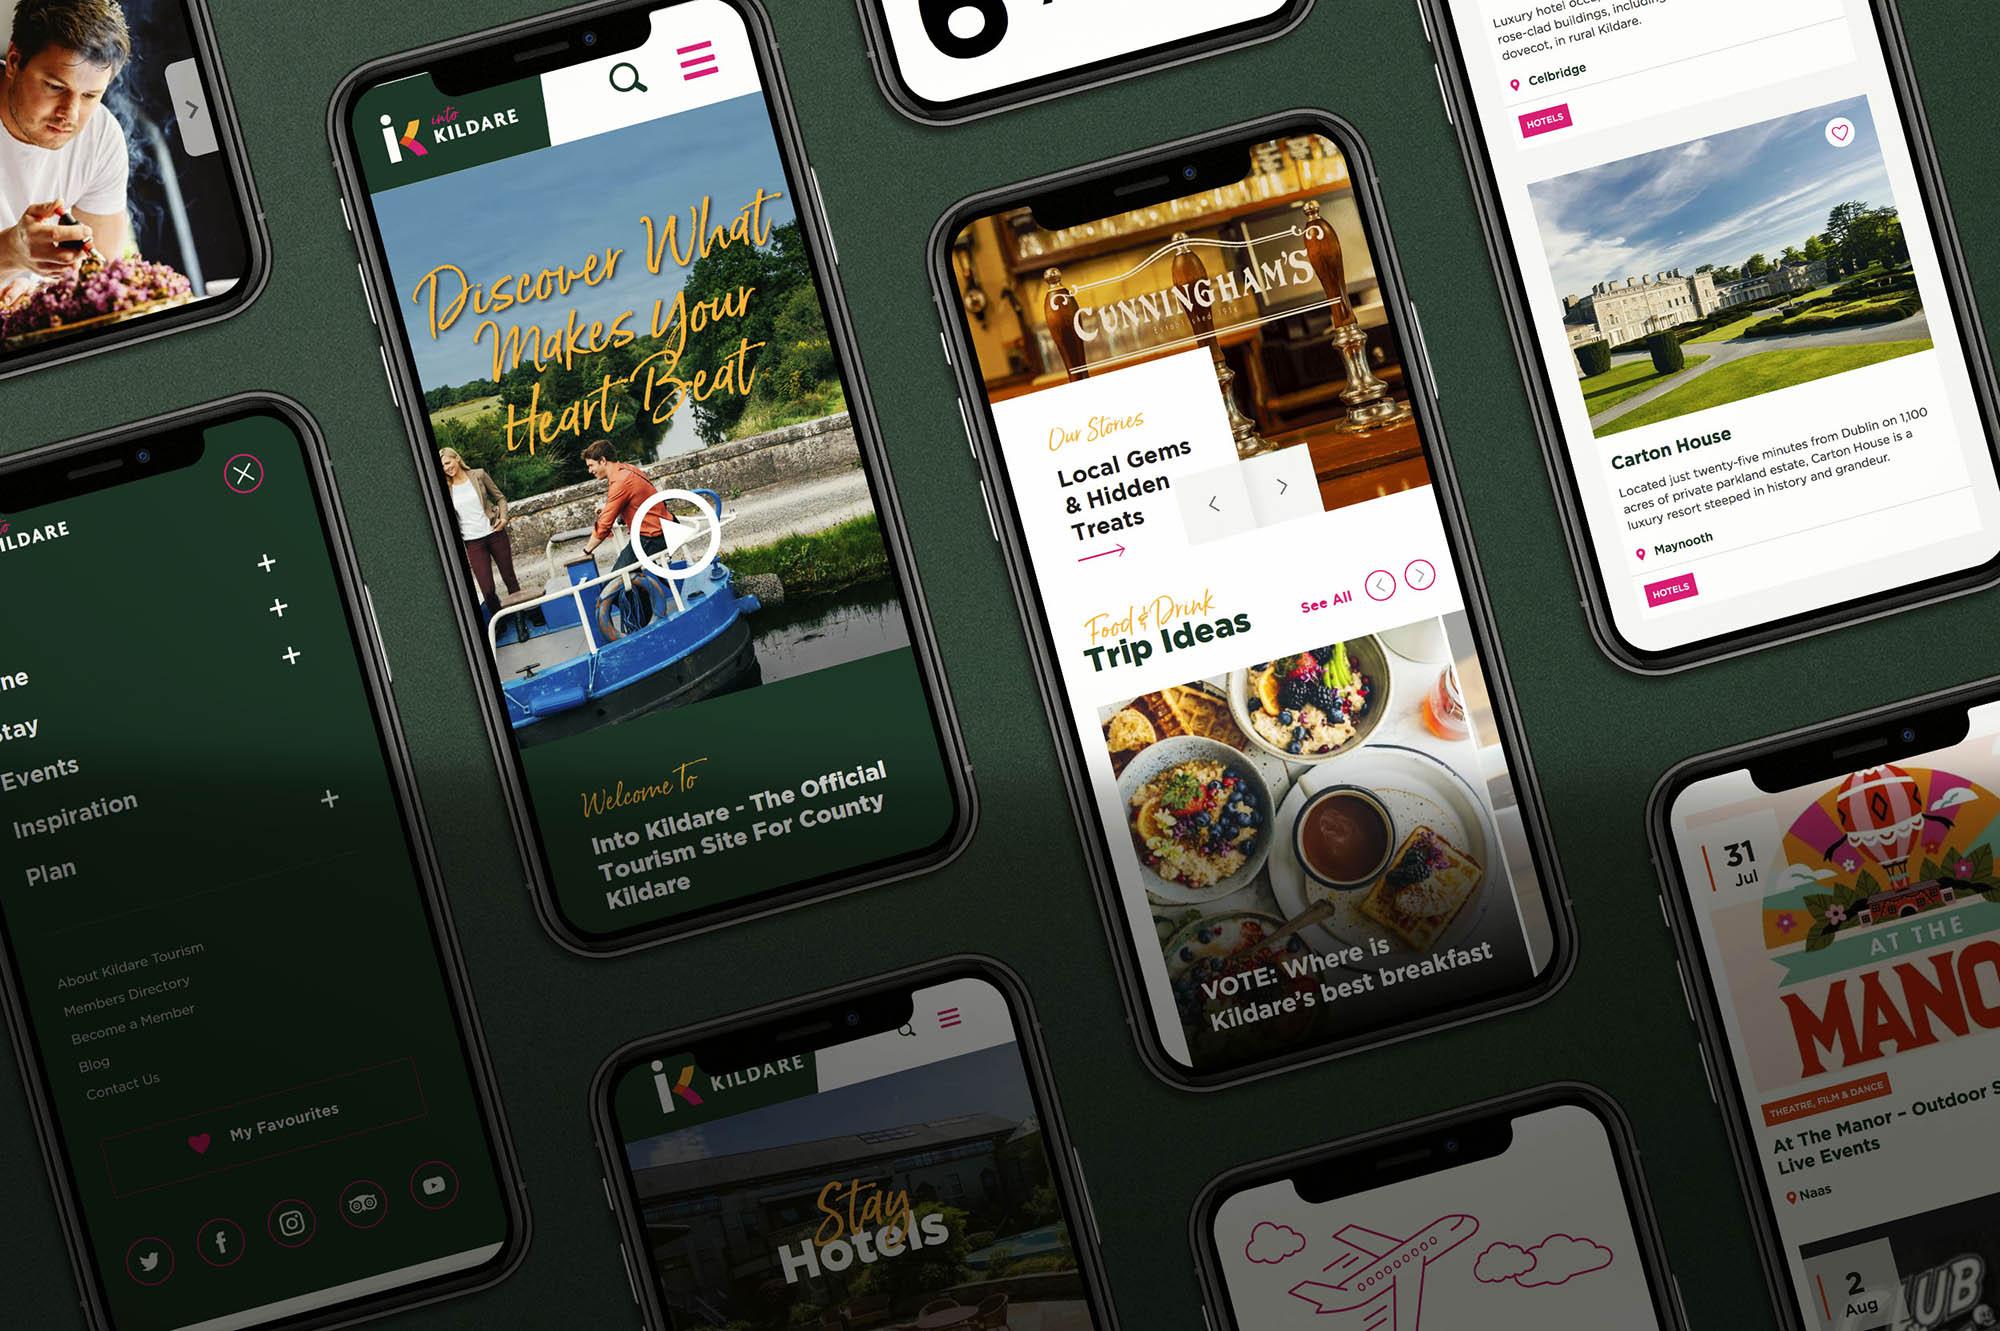 Into Kildare Mobile Screens